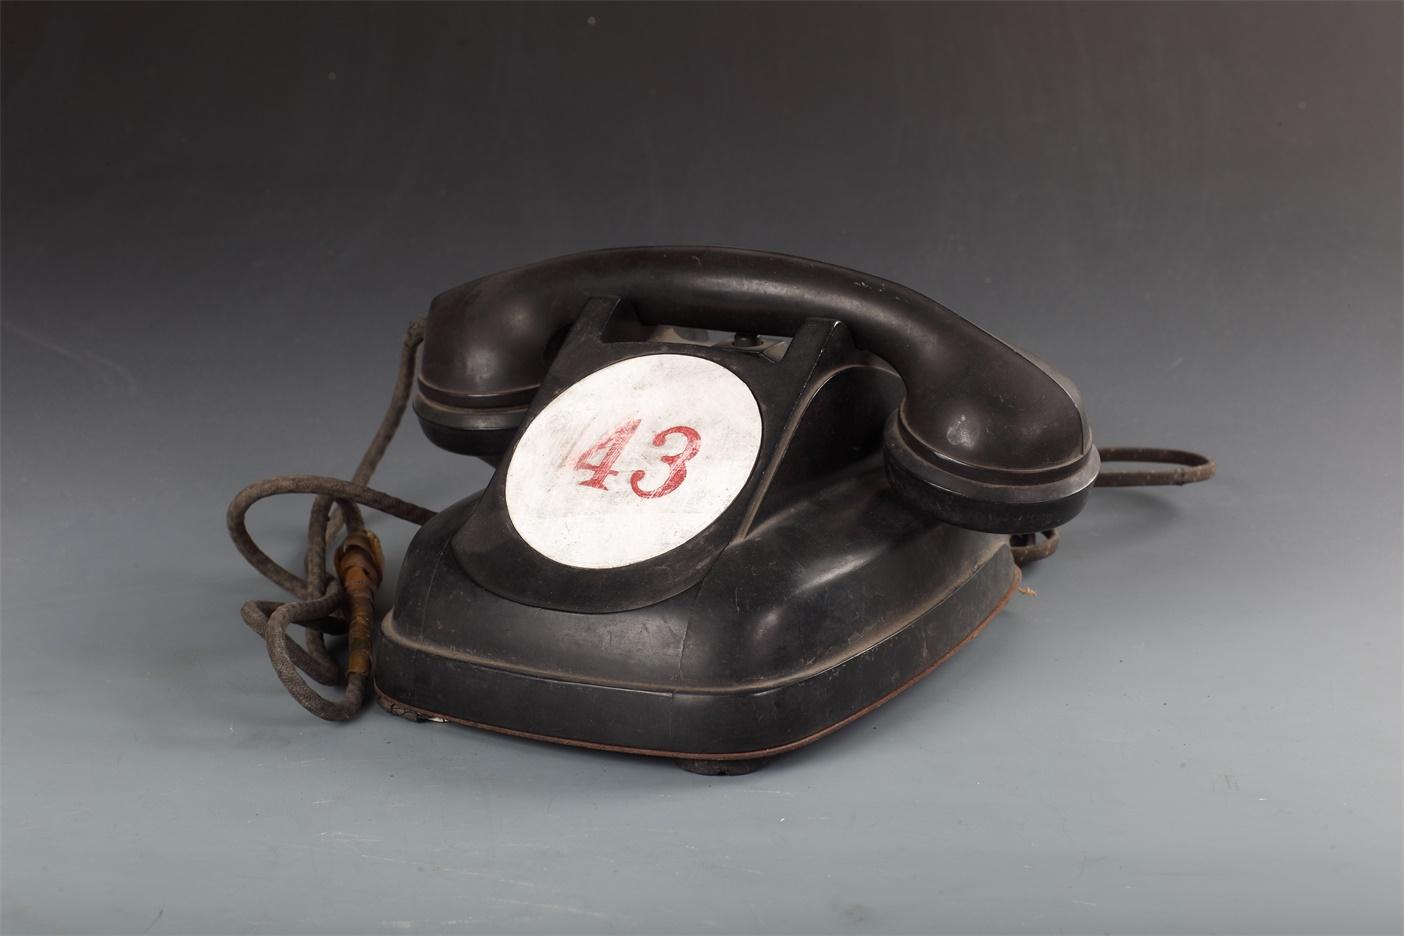 5-15 43号电话机.JPG